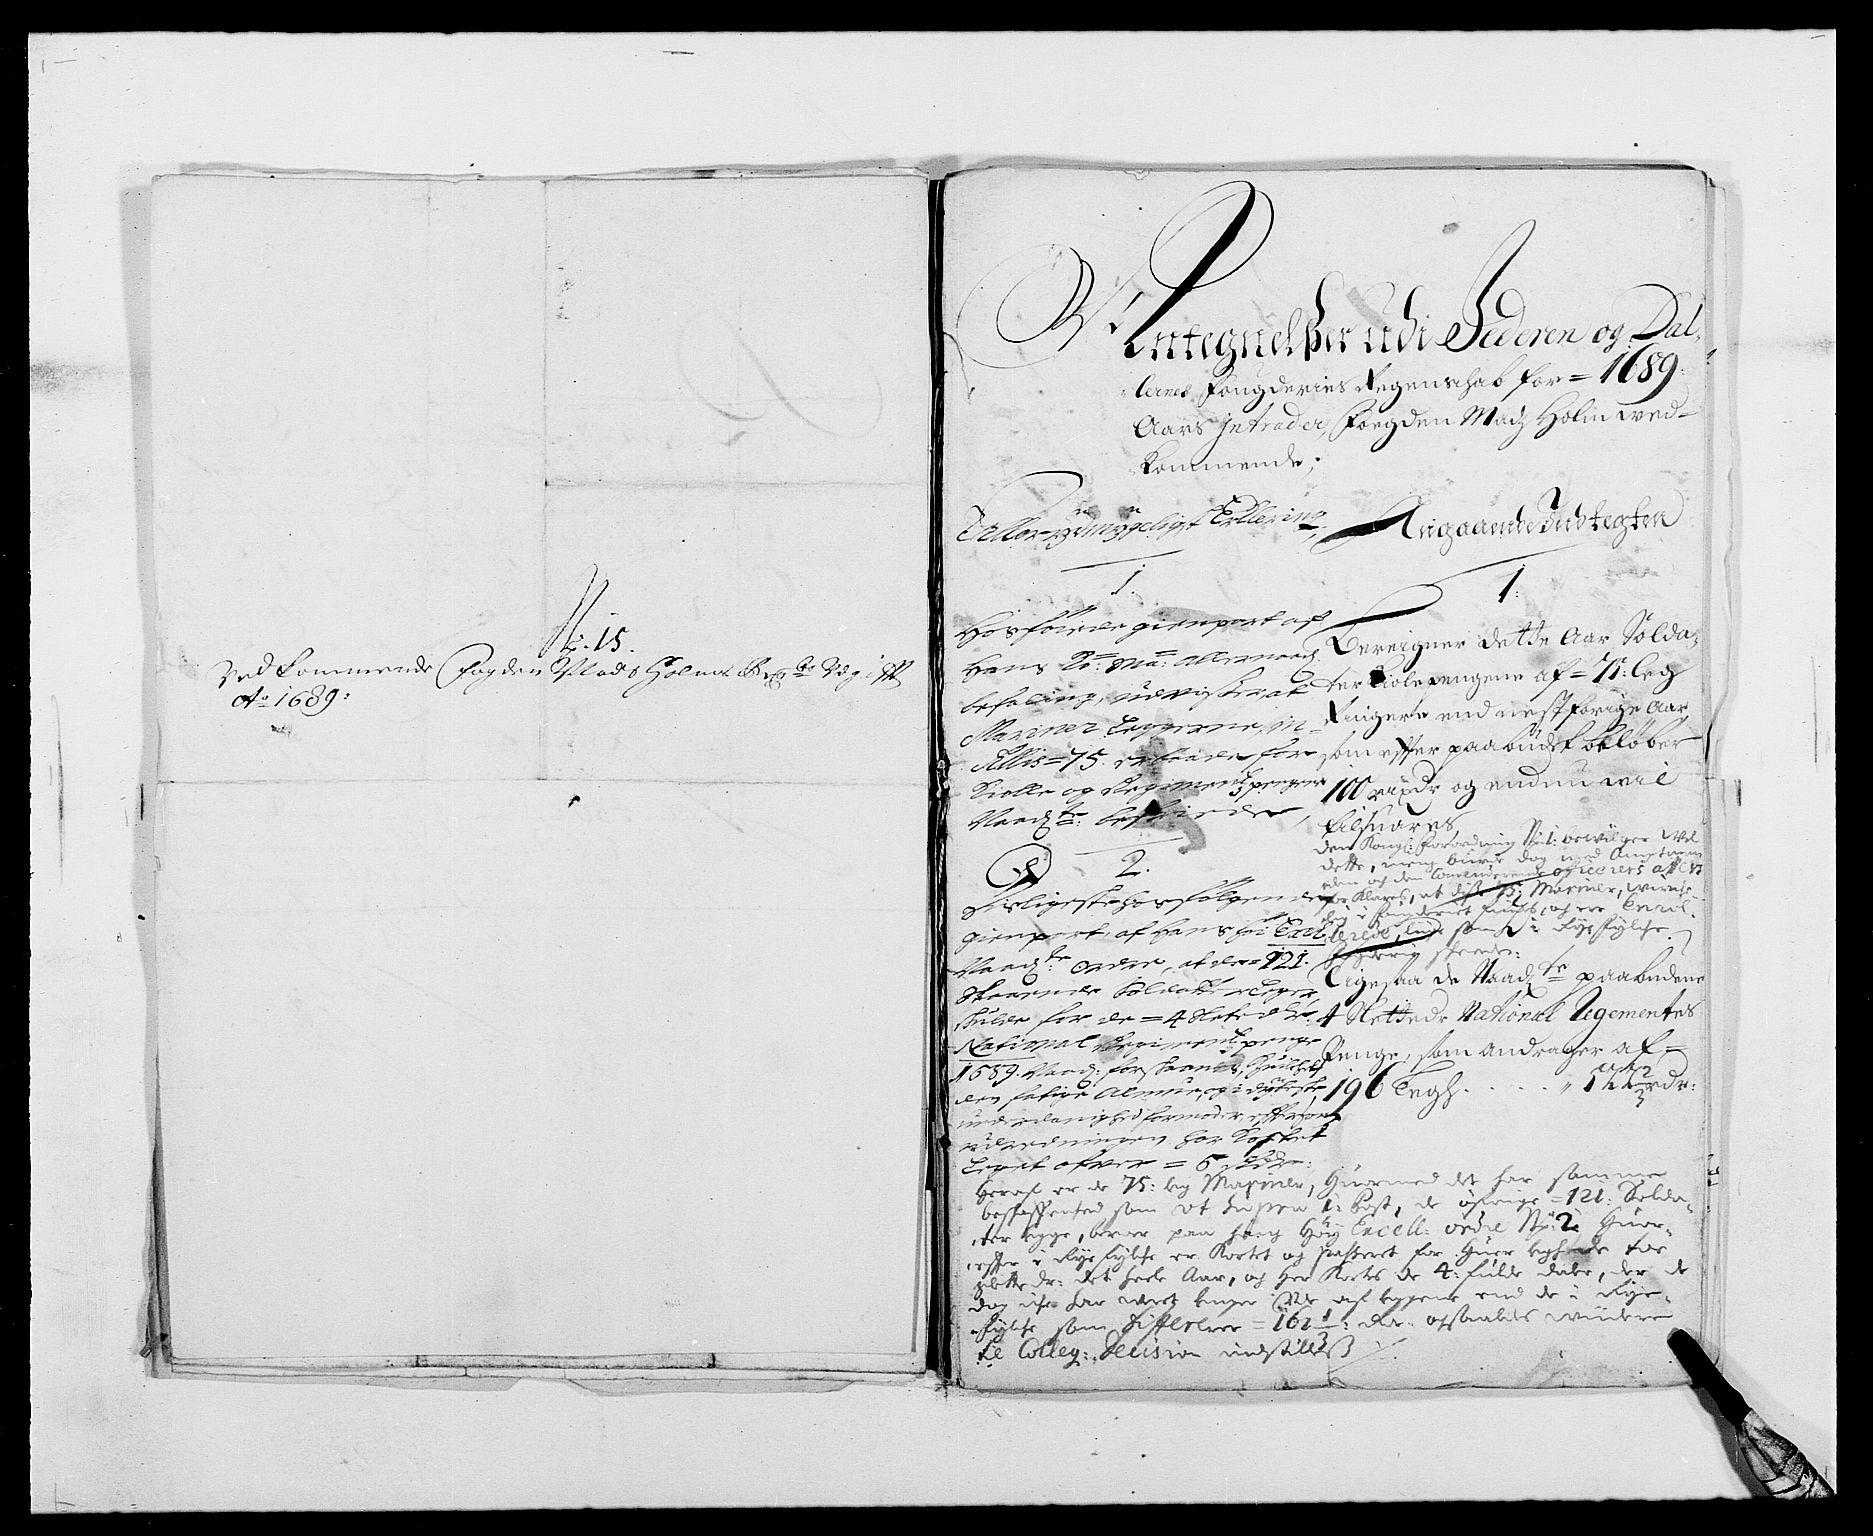 RA, Rentekammeret inntil 1814, Reviderte regnskaper, Fogderegnskap, R46/L2726: Fogderegnskap Jæren og Dalane, 1686-1689, s. 366